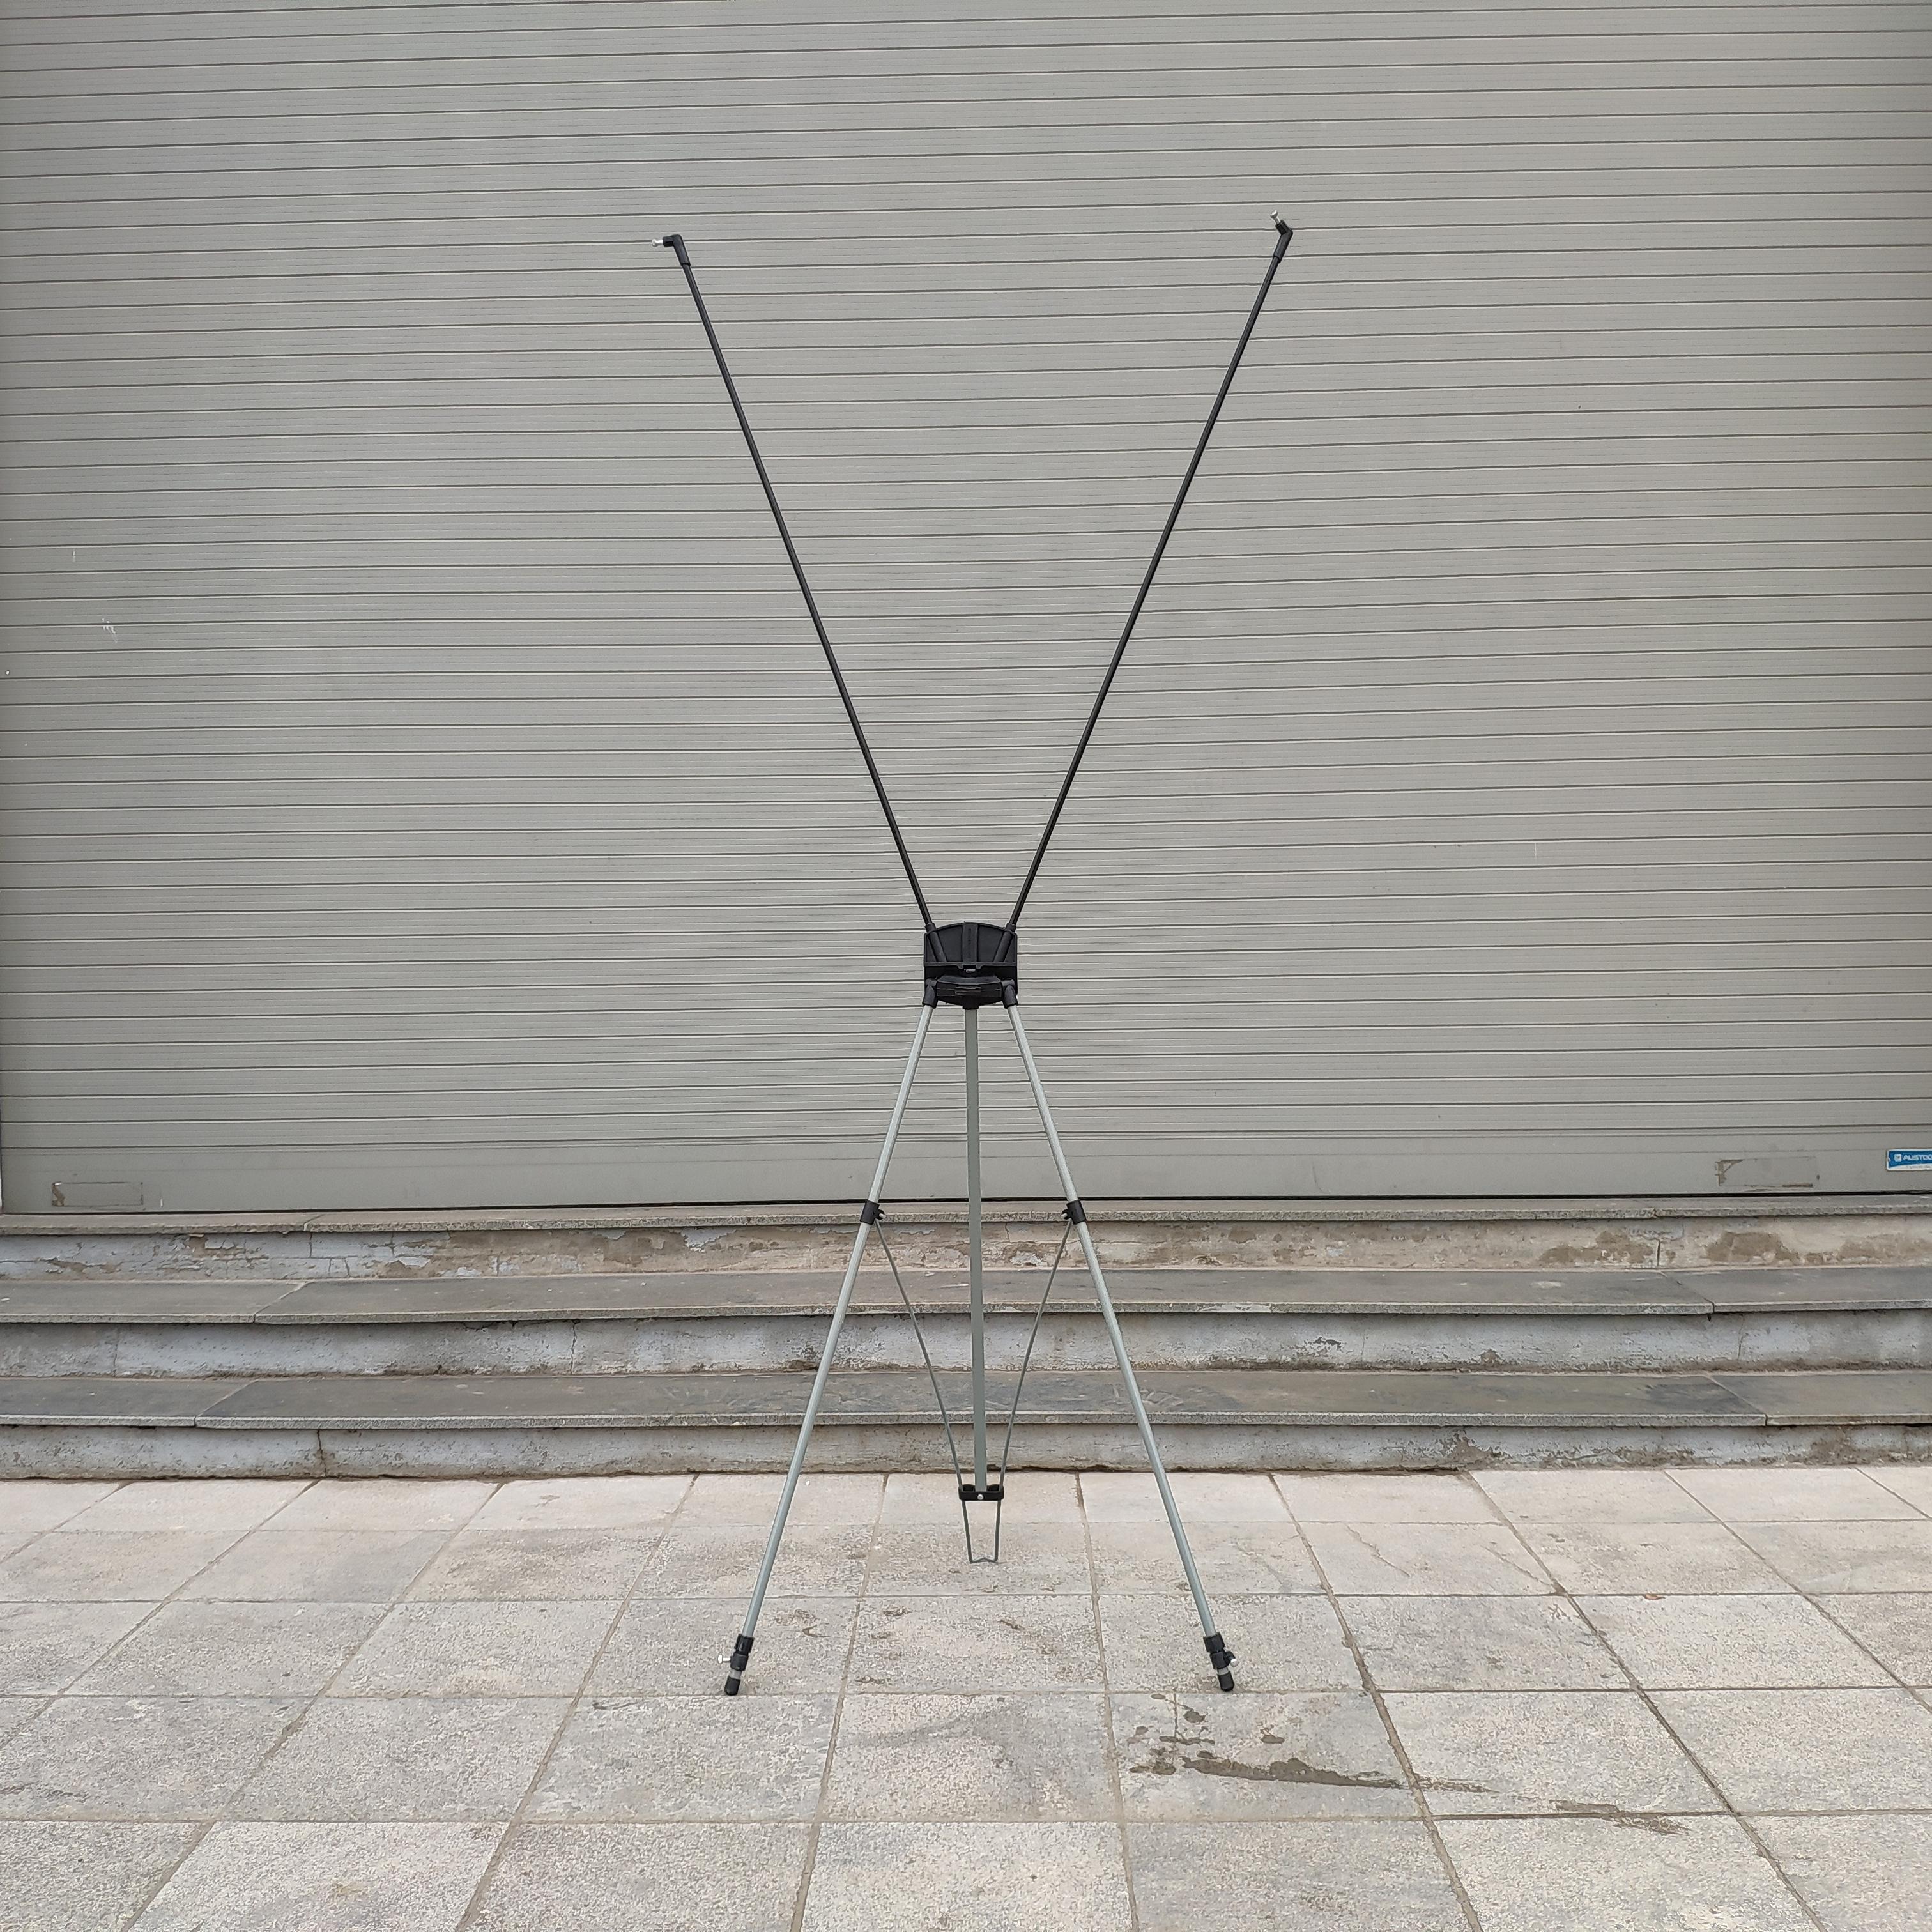 Chân Standee X Loại Tốt  - Giá Chữ X Chắc Khỏe 60x160cm